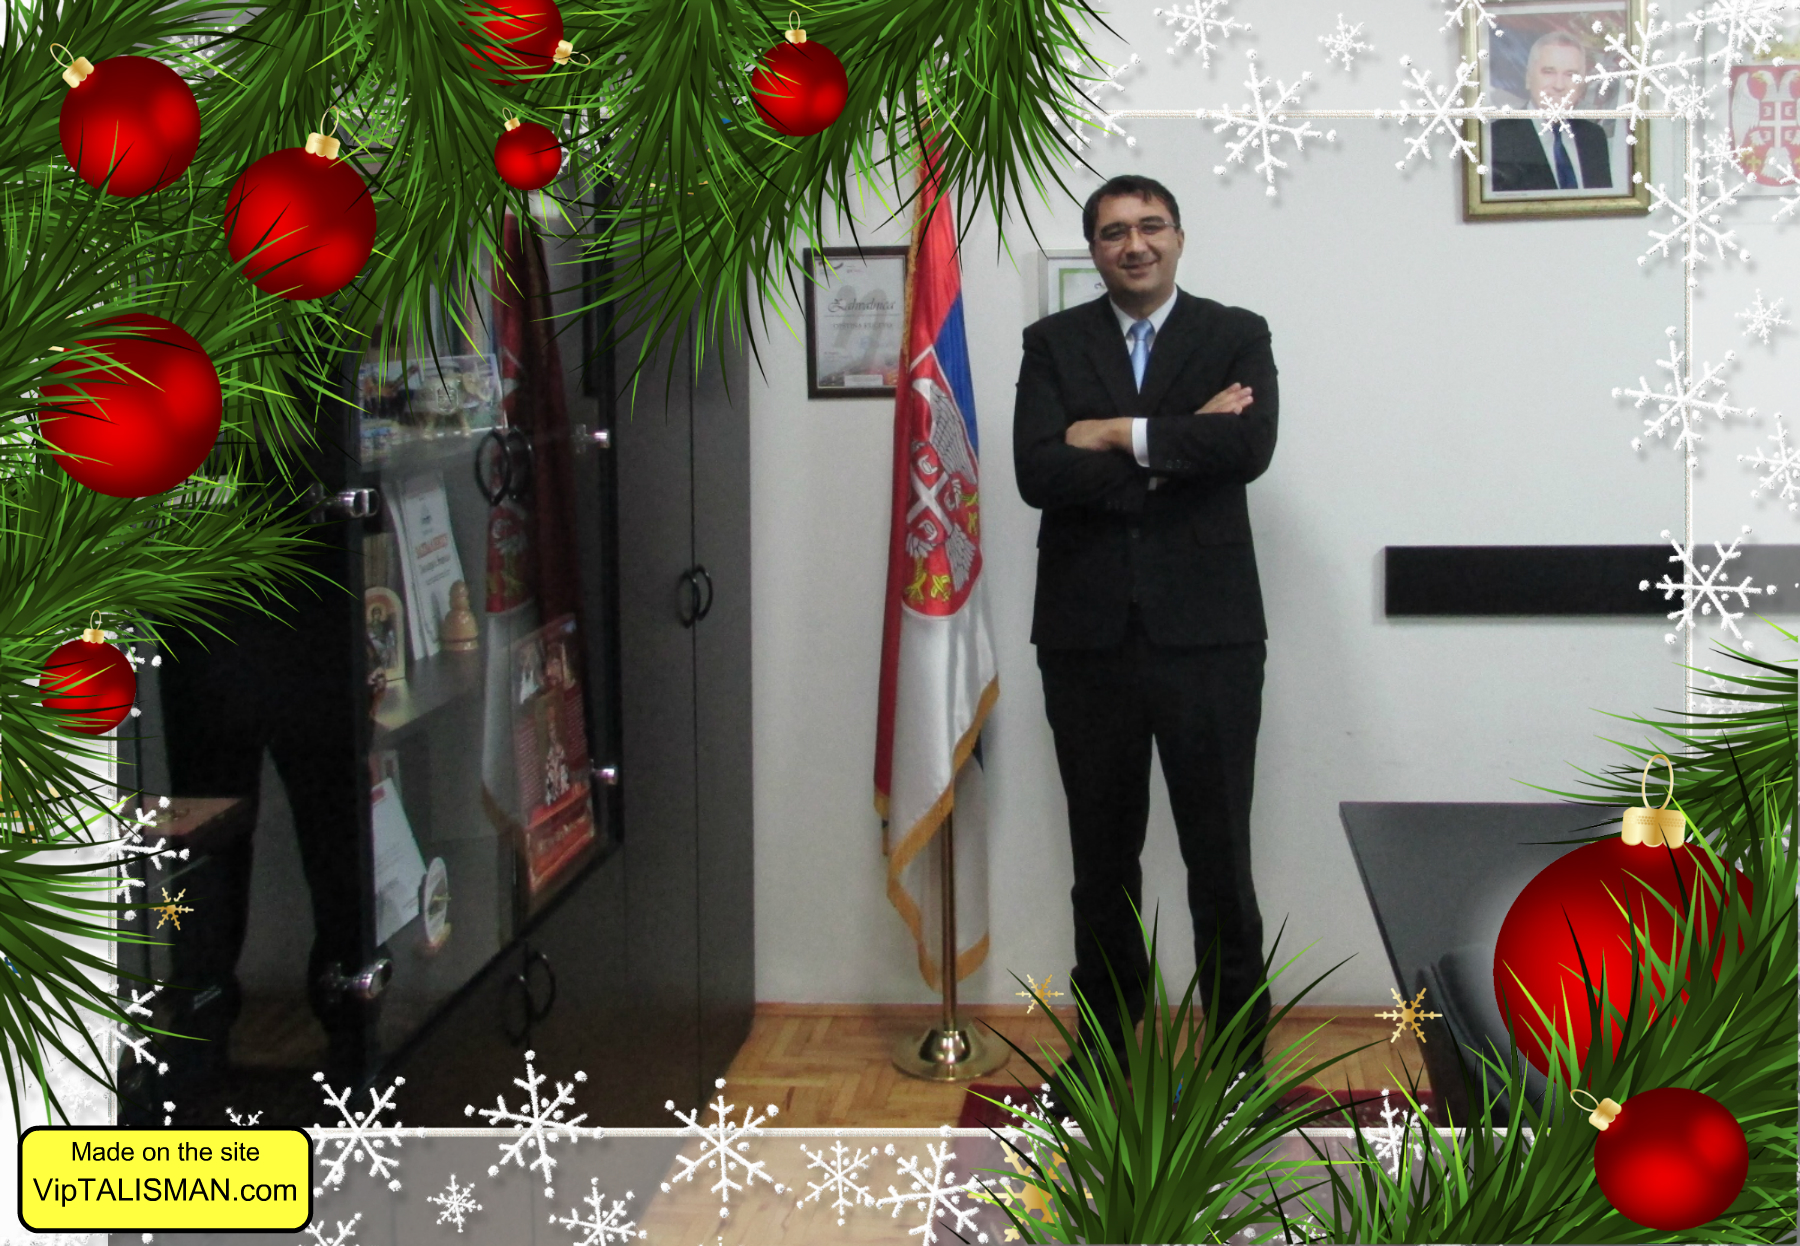 Novogodišnji intervju predsednika opštine Kučevo Novice Janoševića